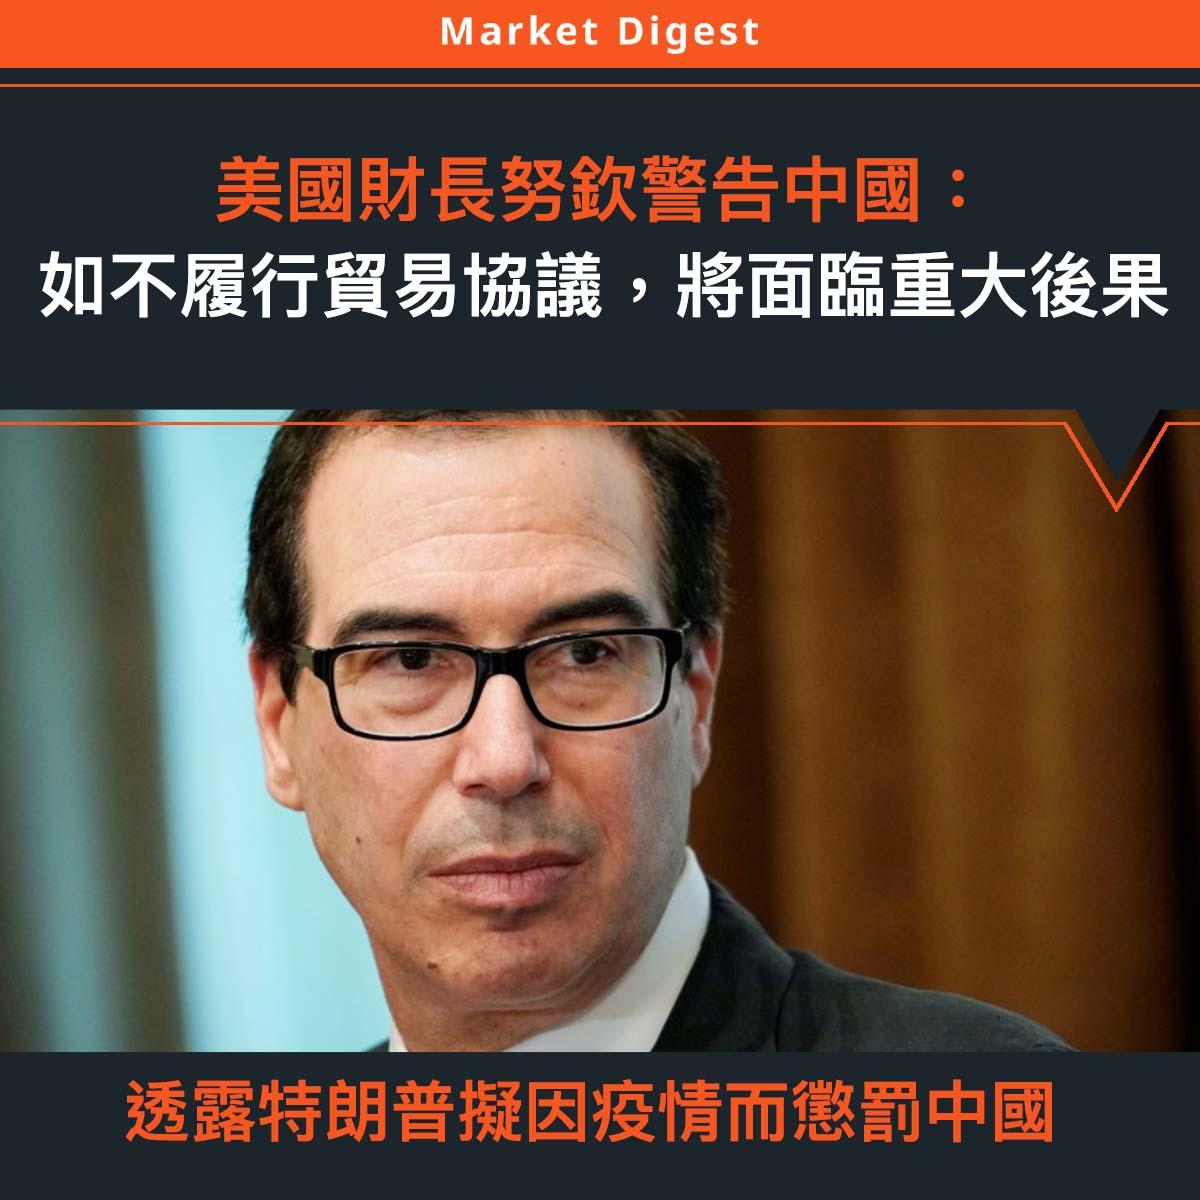 【#市場熱話】美國財長努欽警告:中國如不履行貿易協議,將面臨重大後果